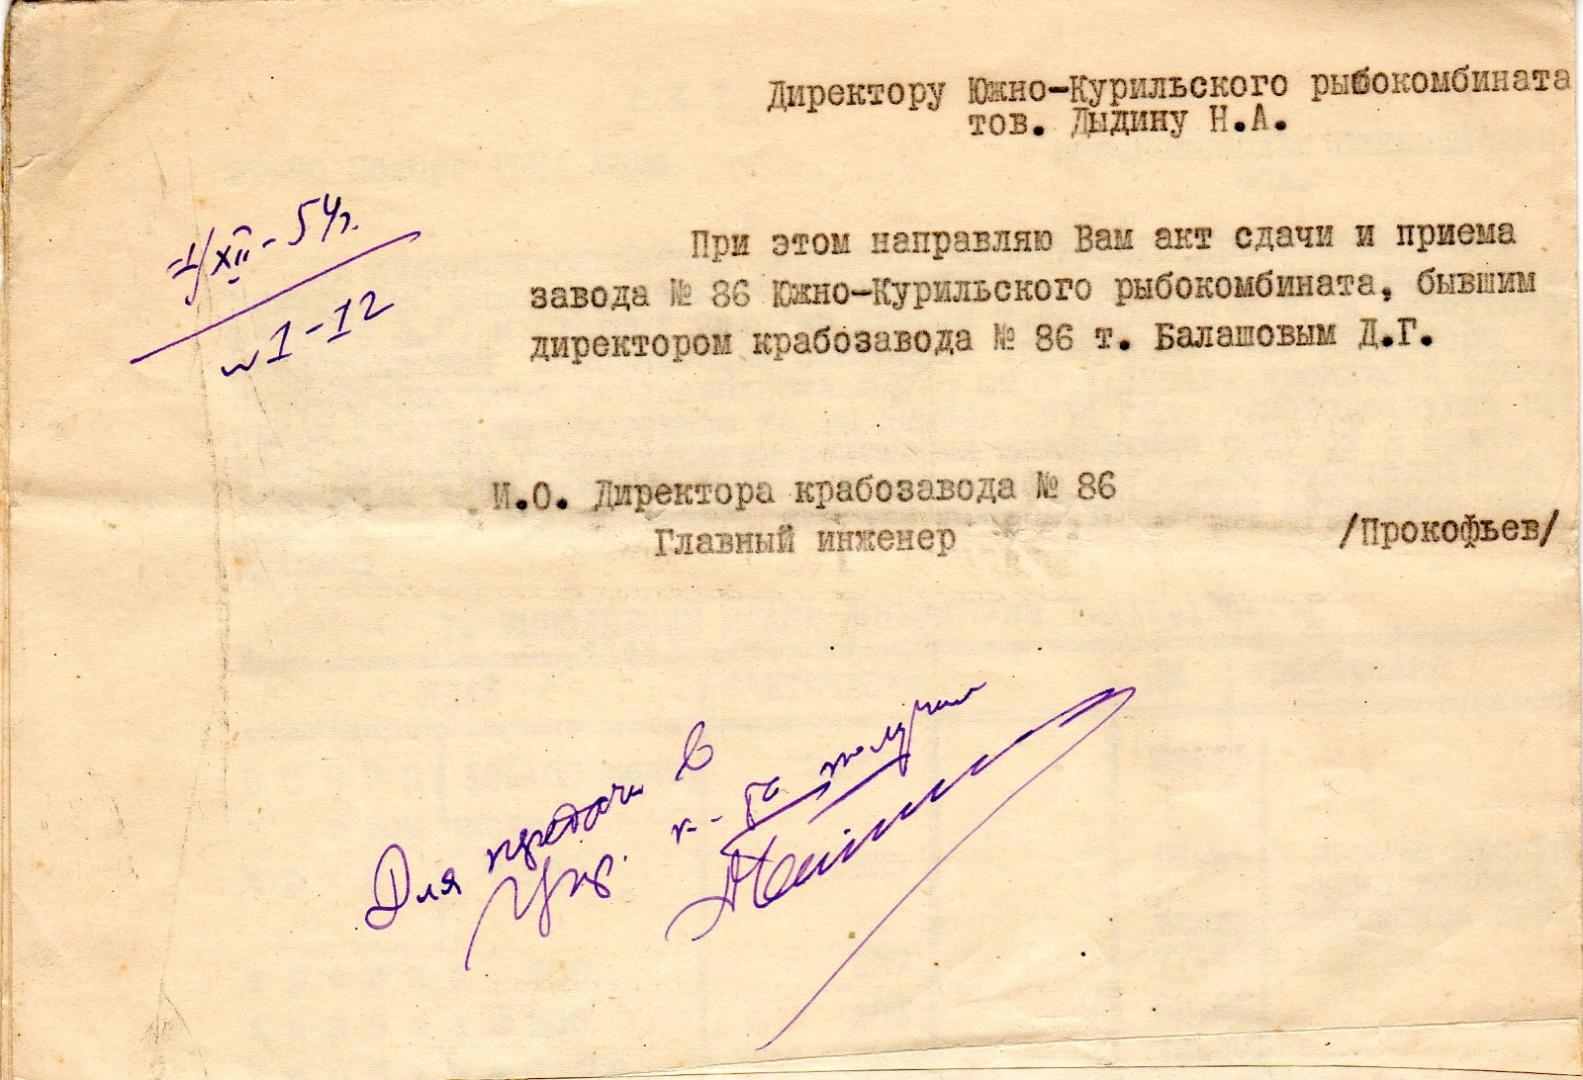 Акт приемки-сдачи завода № 86. Пос. Зеленовск. 1.12. 1954 г.. Страница 1